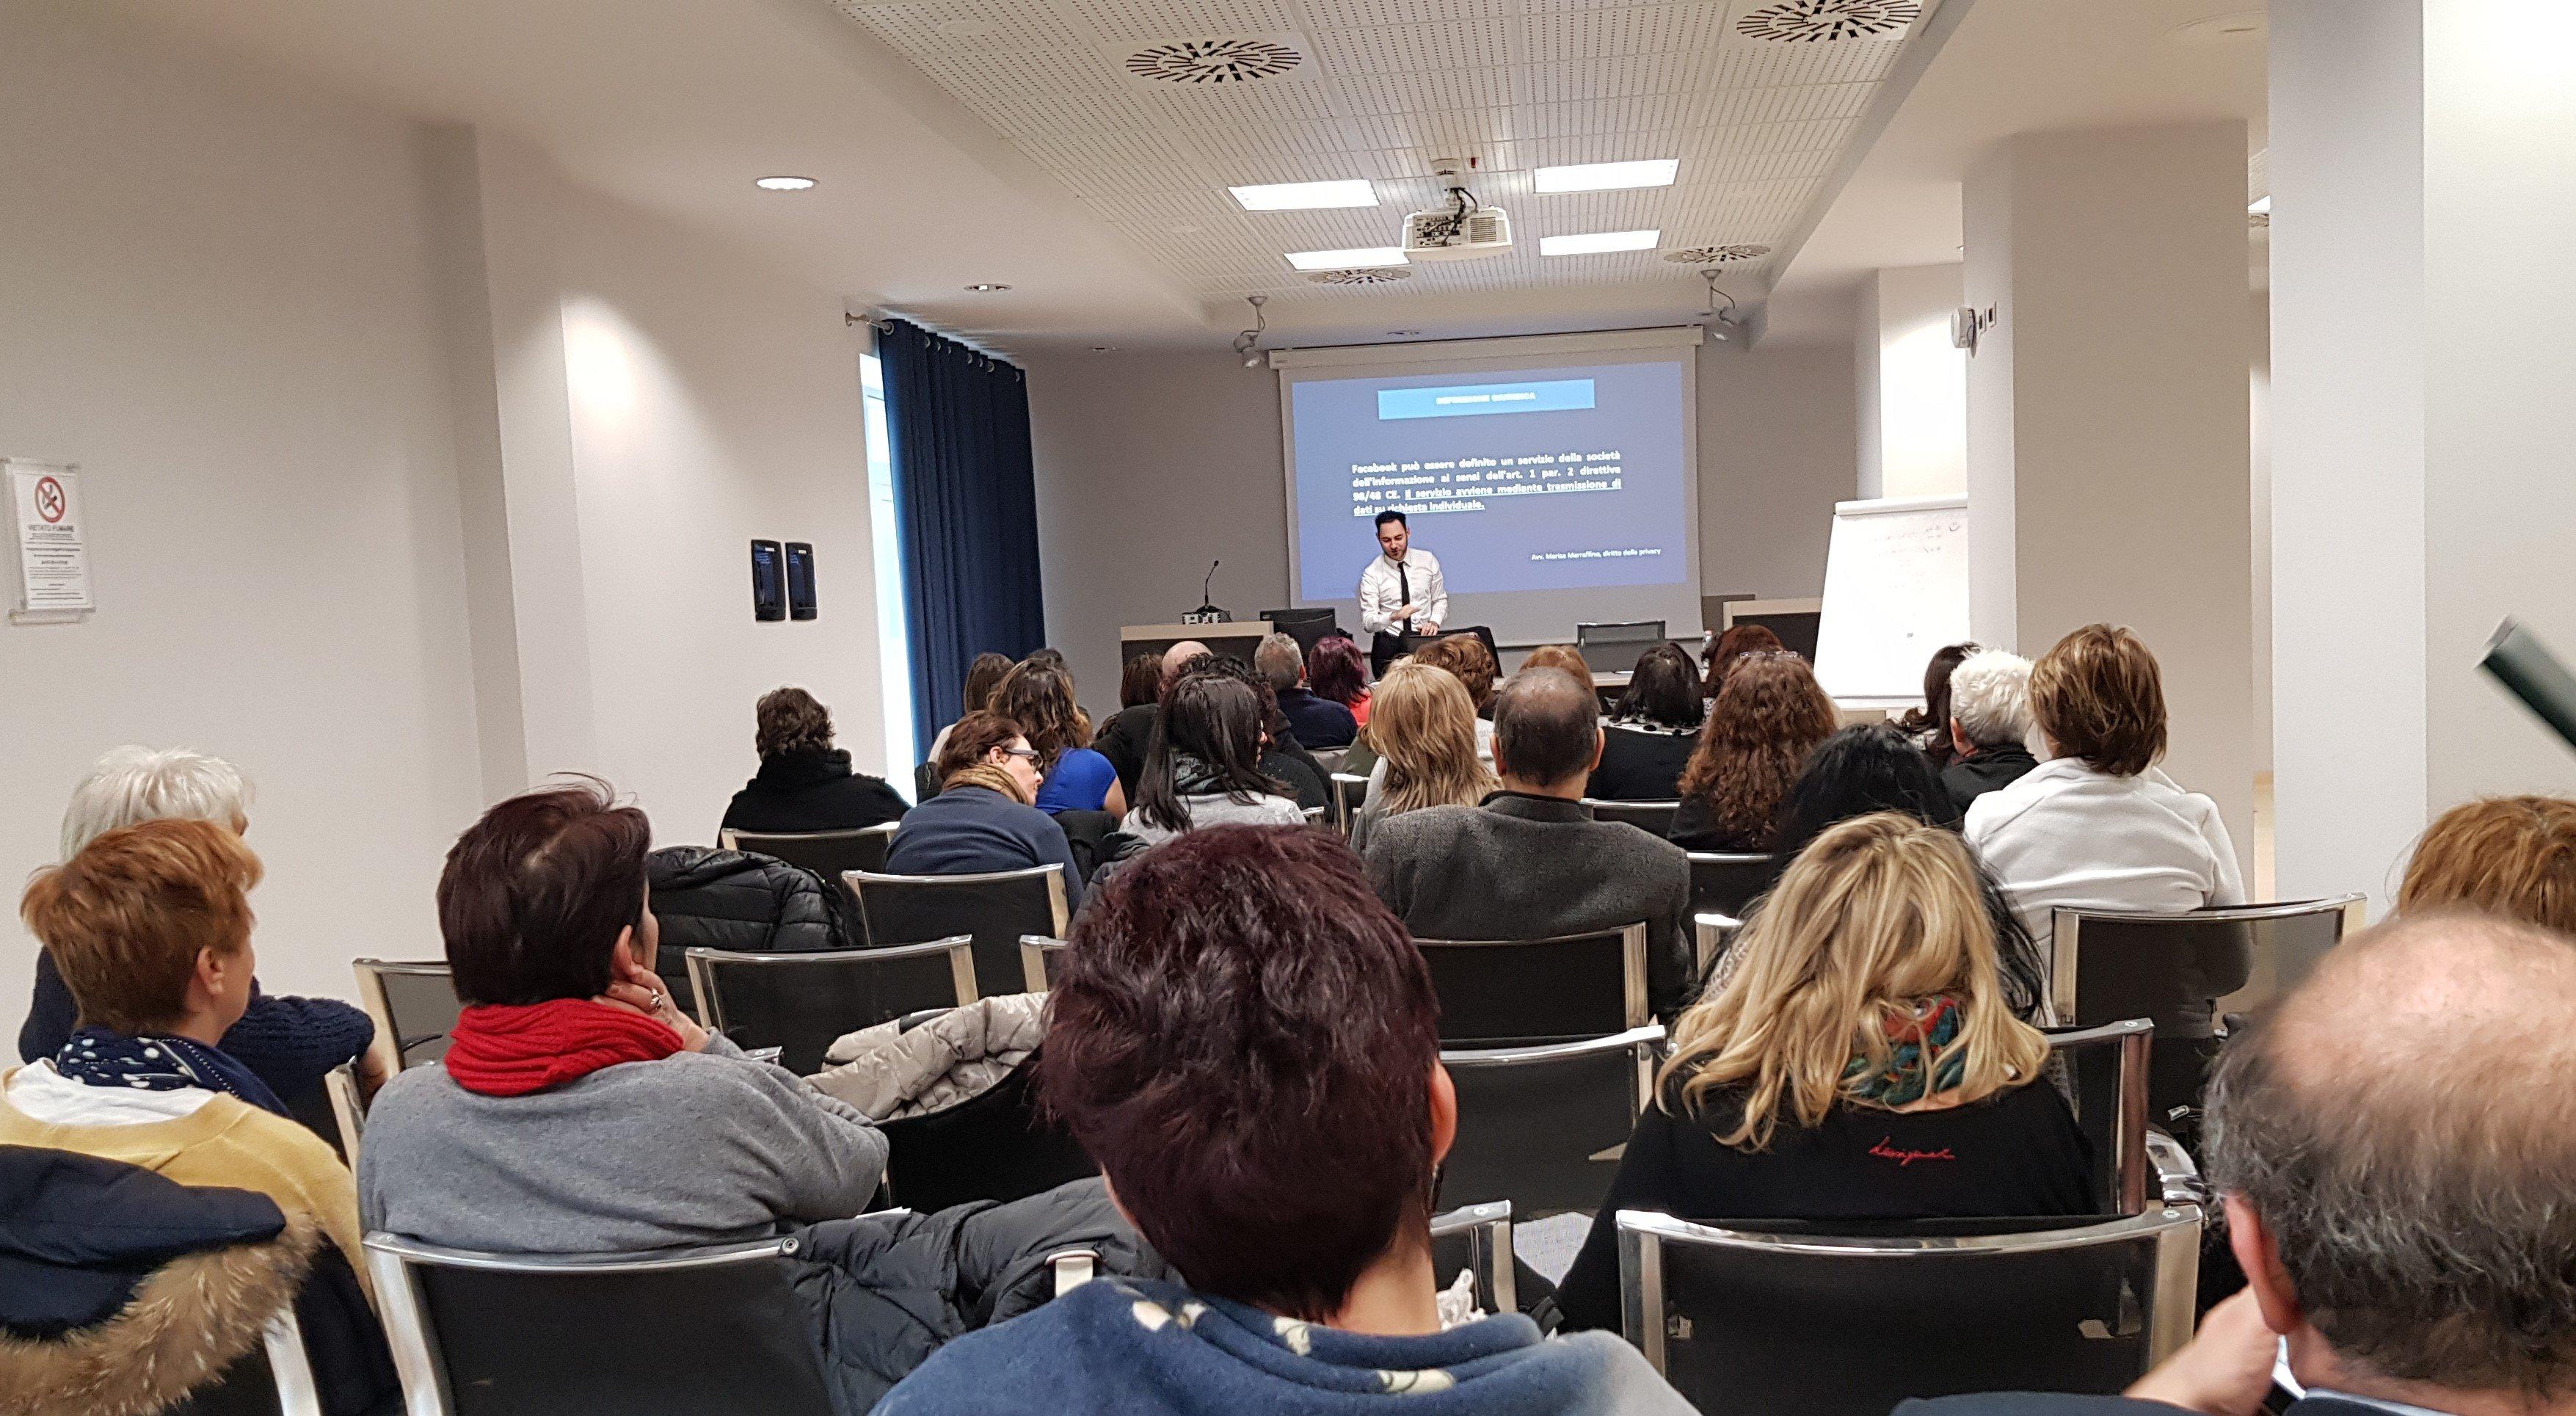 Iodice Francesco Umberto Novara - Corso di formazione ECM FIALS - Ospedale S. Giovanni Bosco Torino (9)